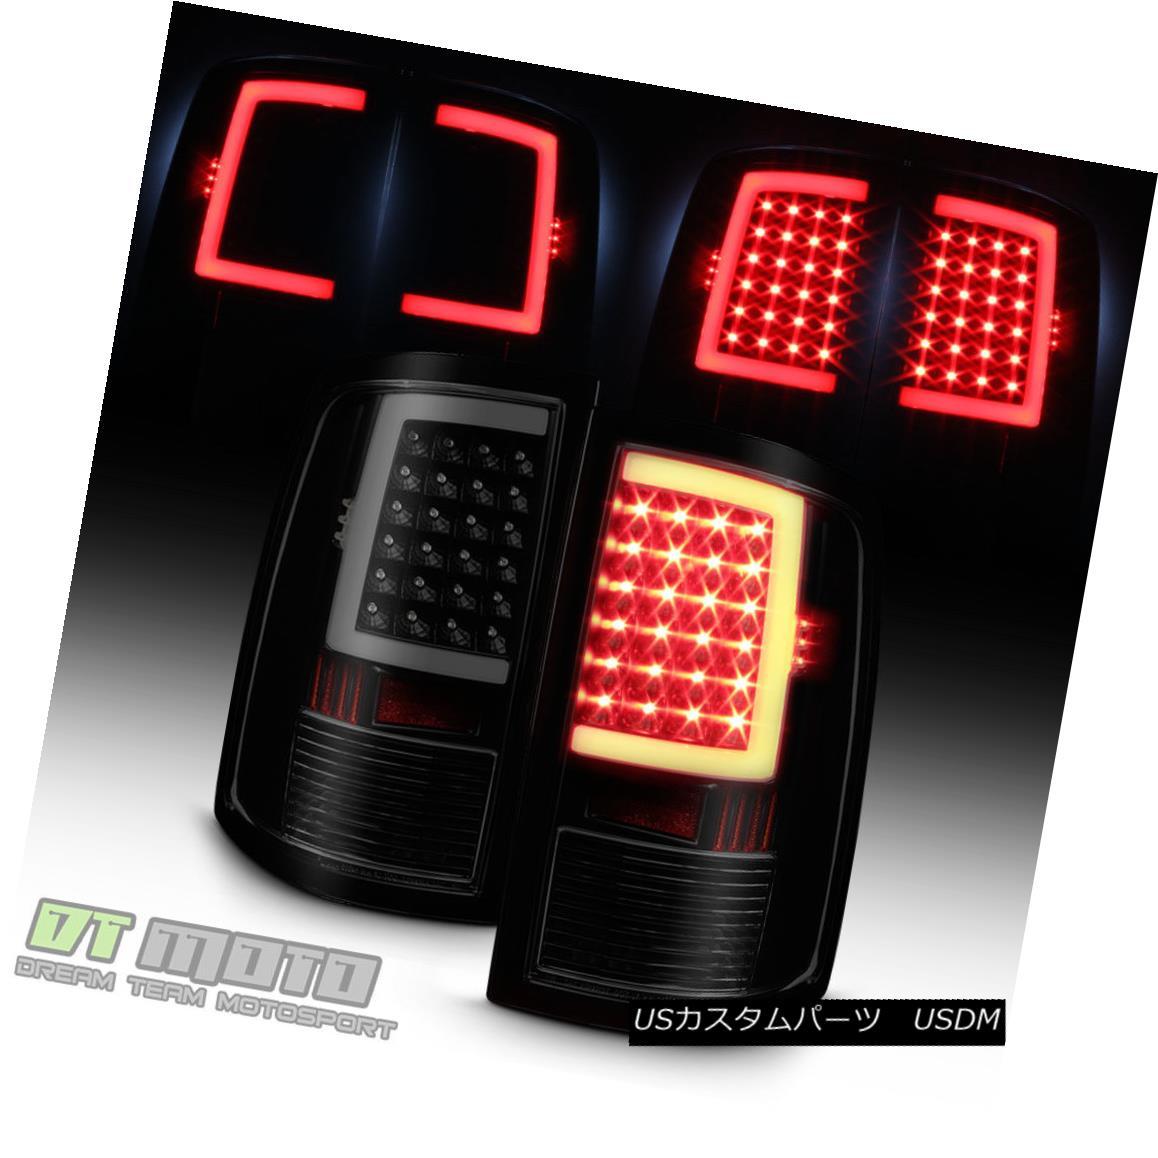 テールライト Black Smoke 2009-2017 Dodge Ram 1500 10-17 2500 3500 LED Tube Tail Lights Lamps ブラックスモーク2009-2017ダッジラム1500 10-17 2500 3500 LEDチューブテールライトランプ